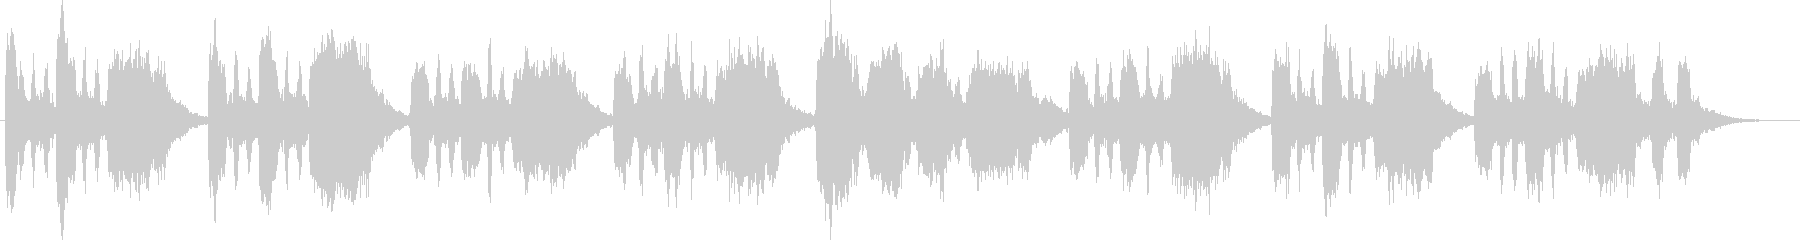 バスーンとシンセのコミカルなジングルの未再生の波形